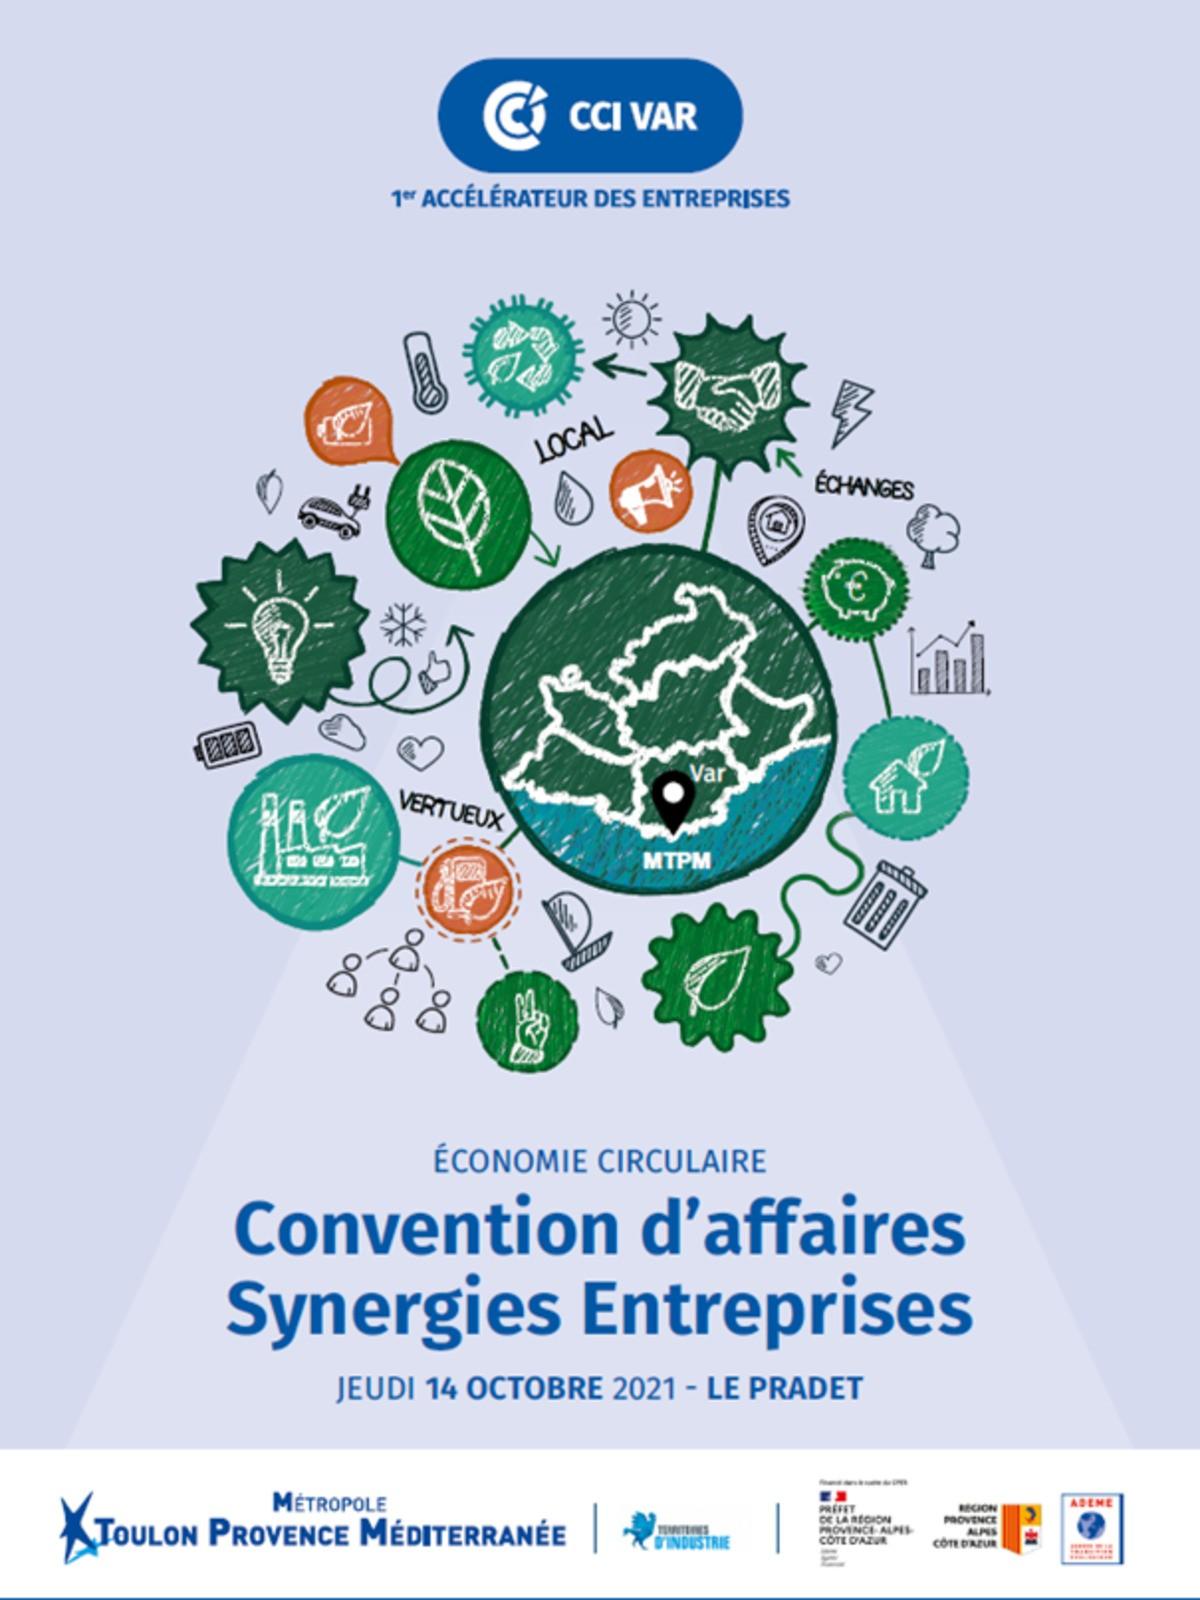 Convention d'affaires Synergies Entreprises